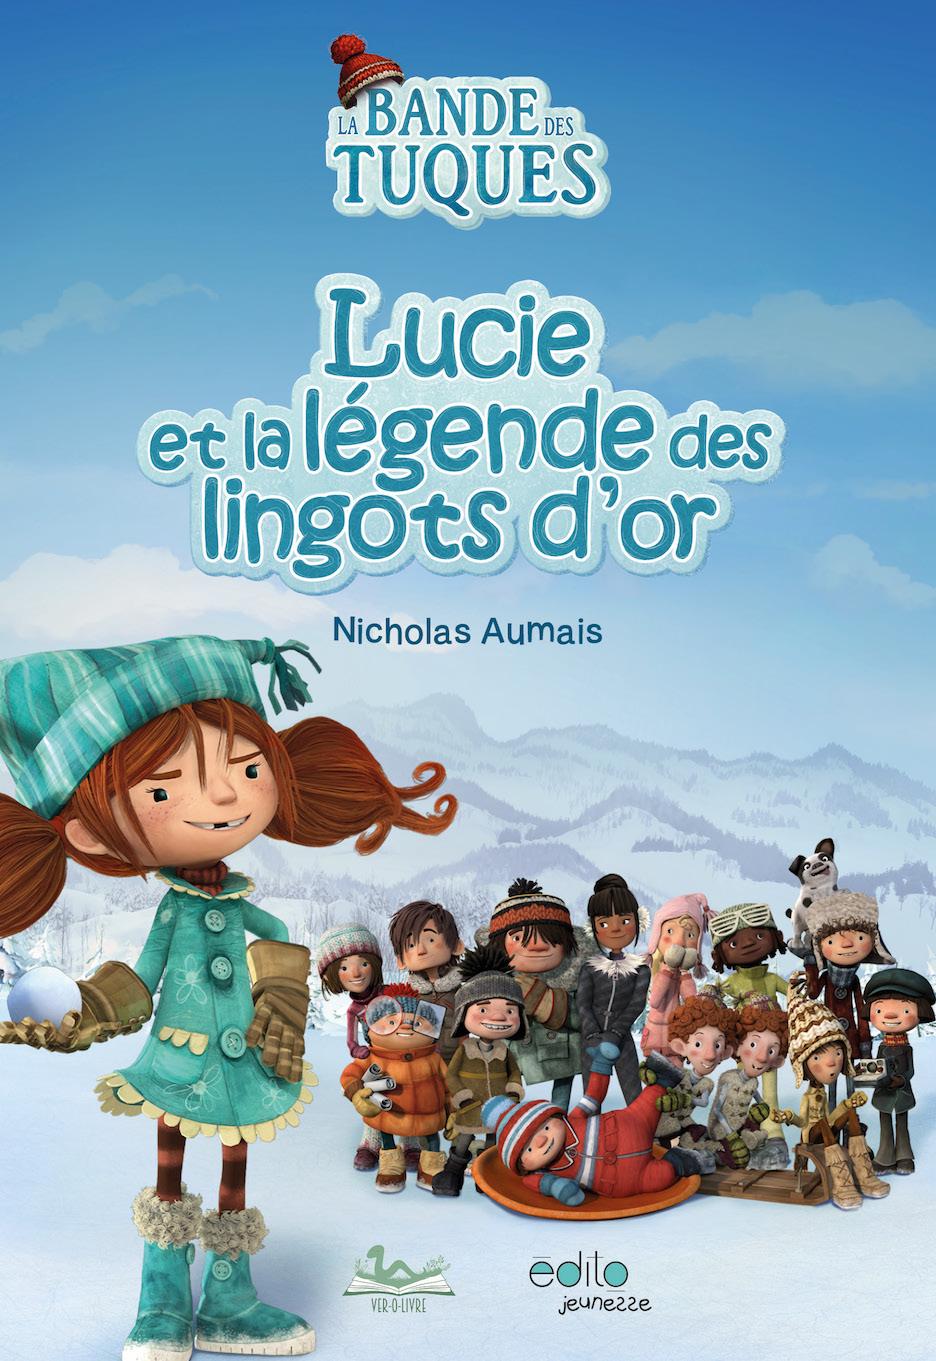 Lucie et la légende des lingots d